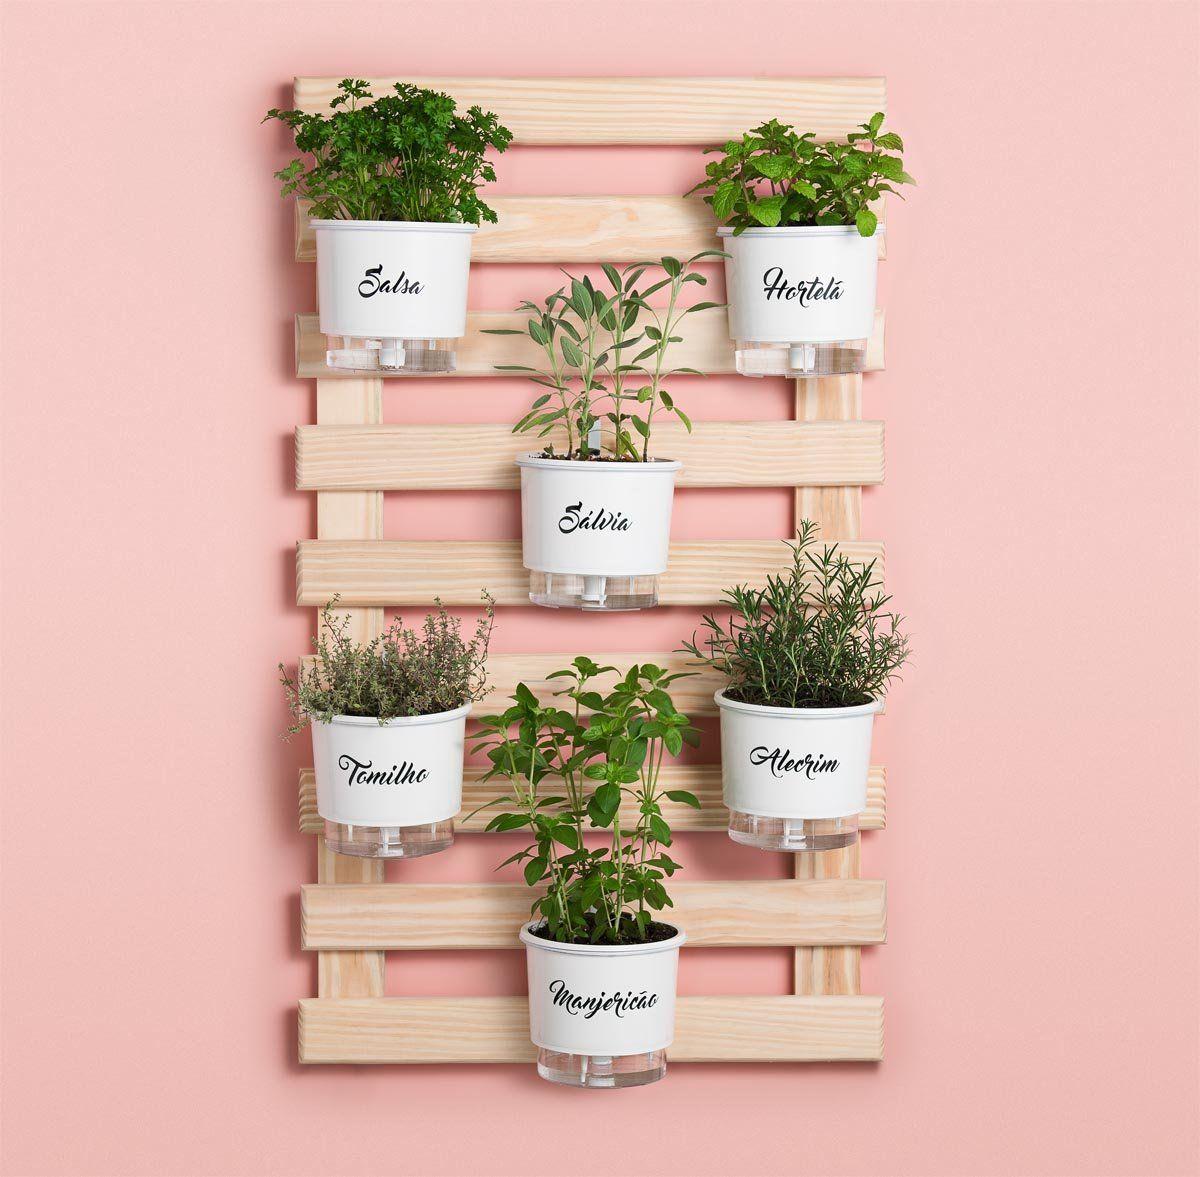 438051818 🚨 ALERTA DE MEGA DESCONTO!!! 🚨 - Tá afim de cultivar com beleza e ...